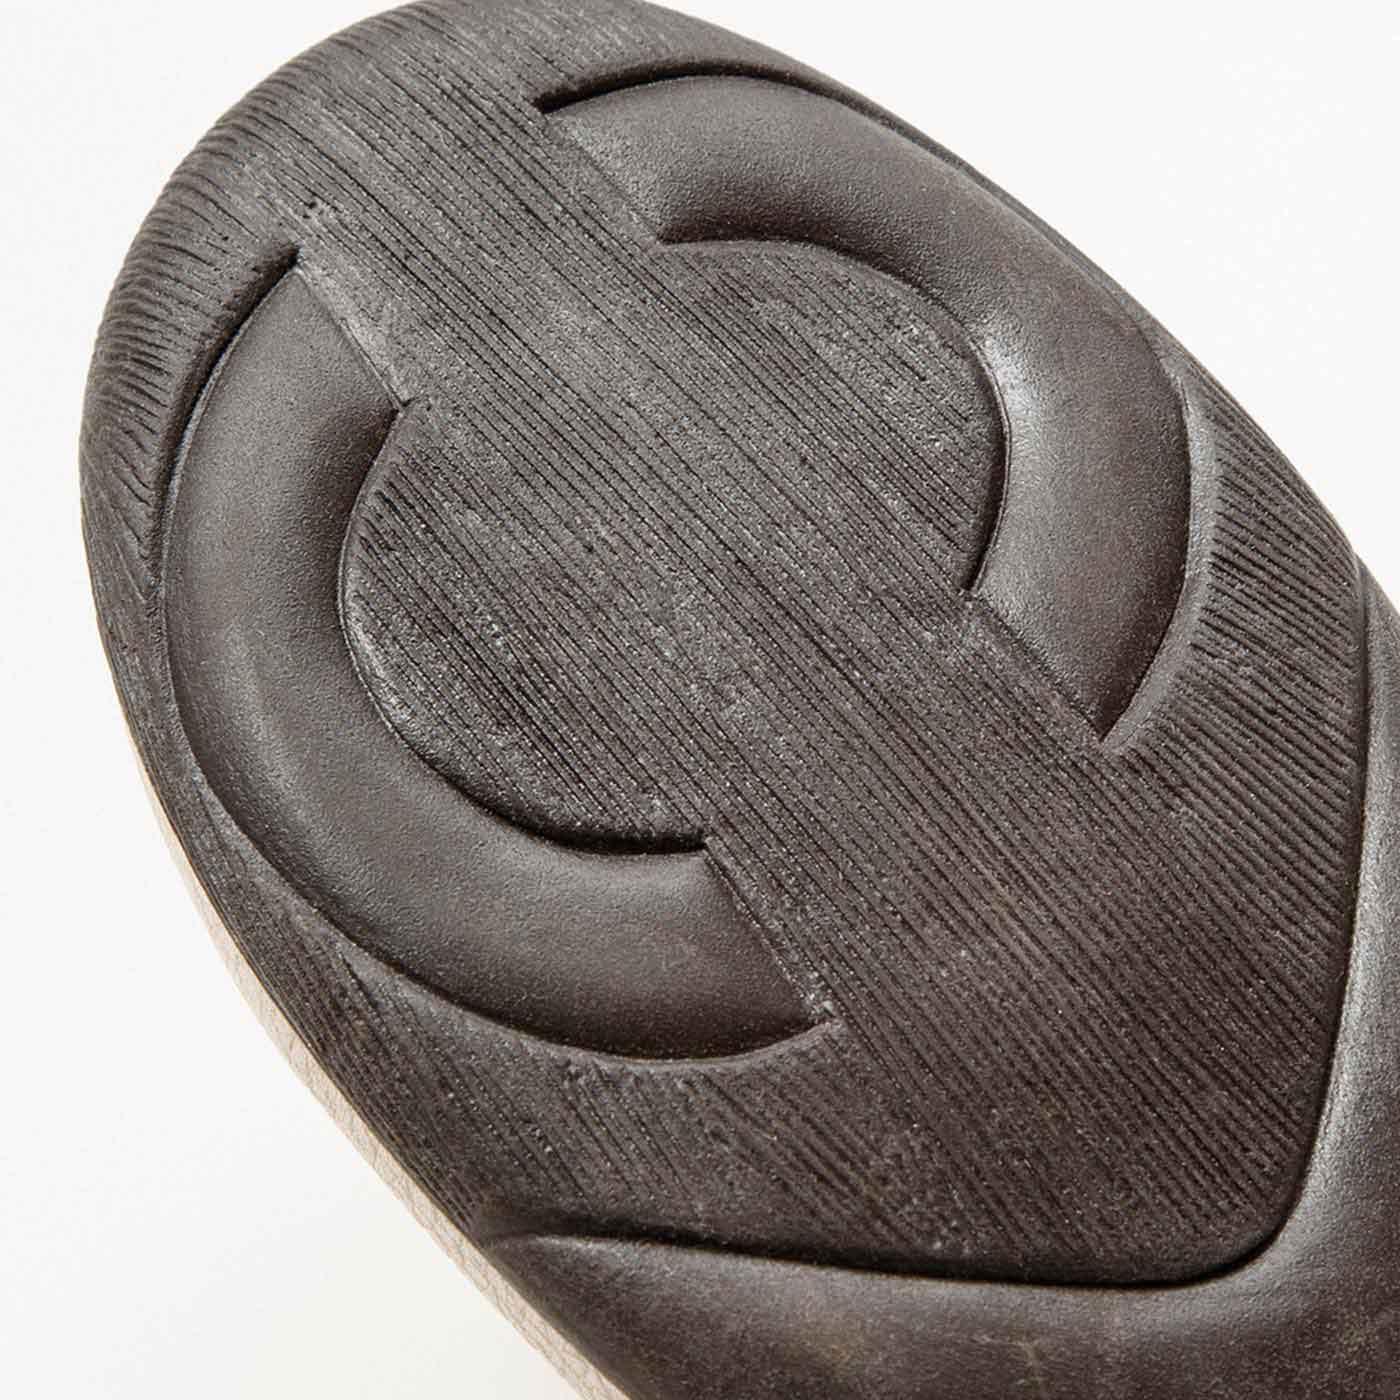 凹凸のある立体ソールが疲れにくく滑りにくい。